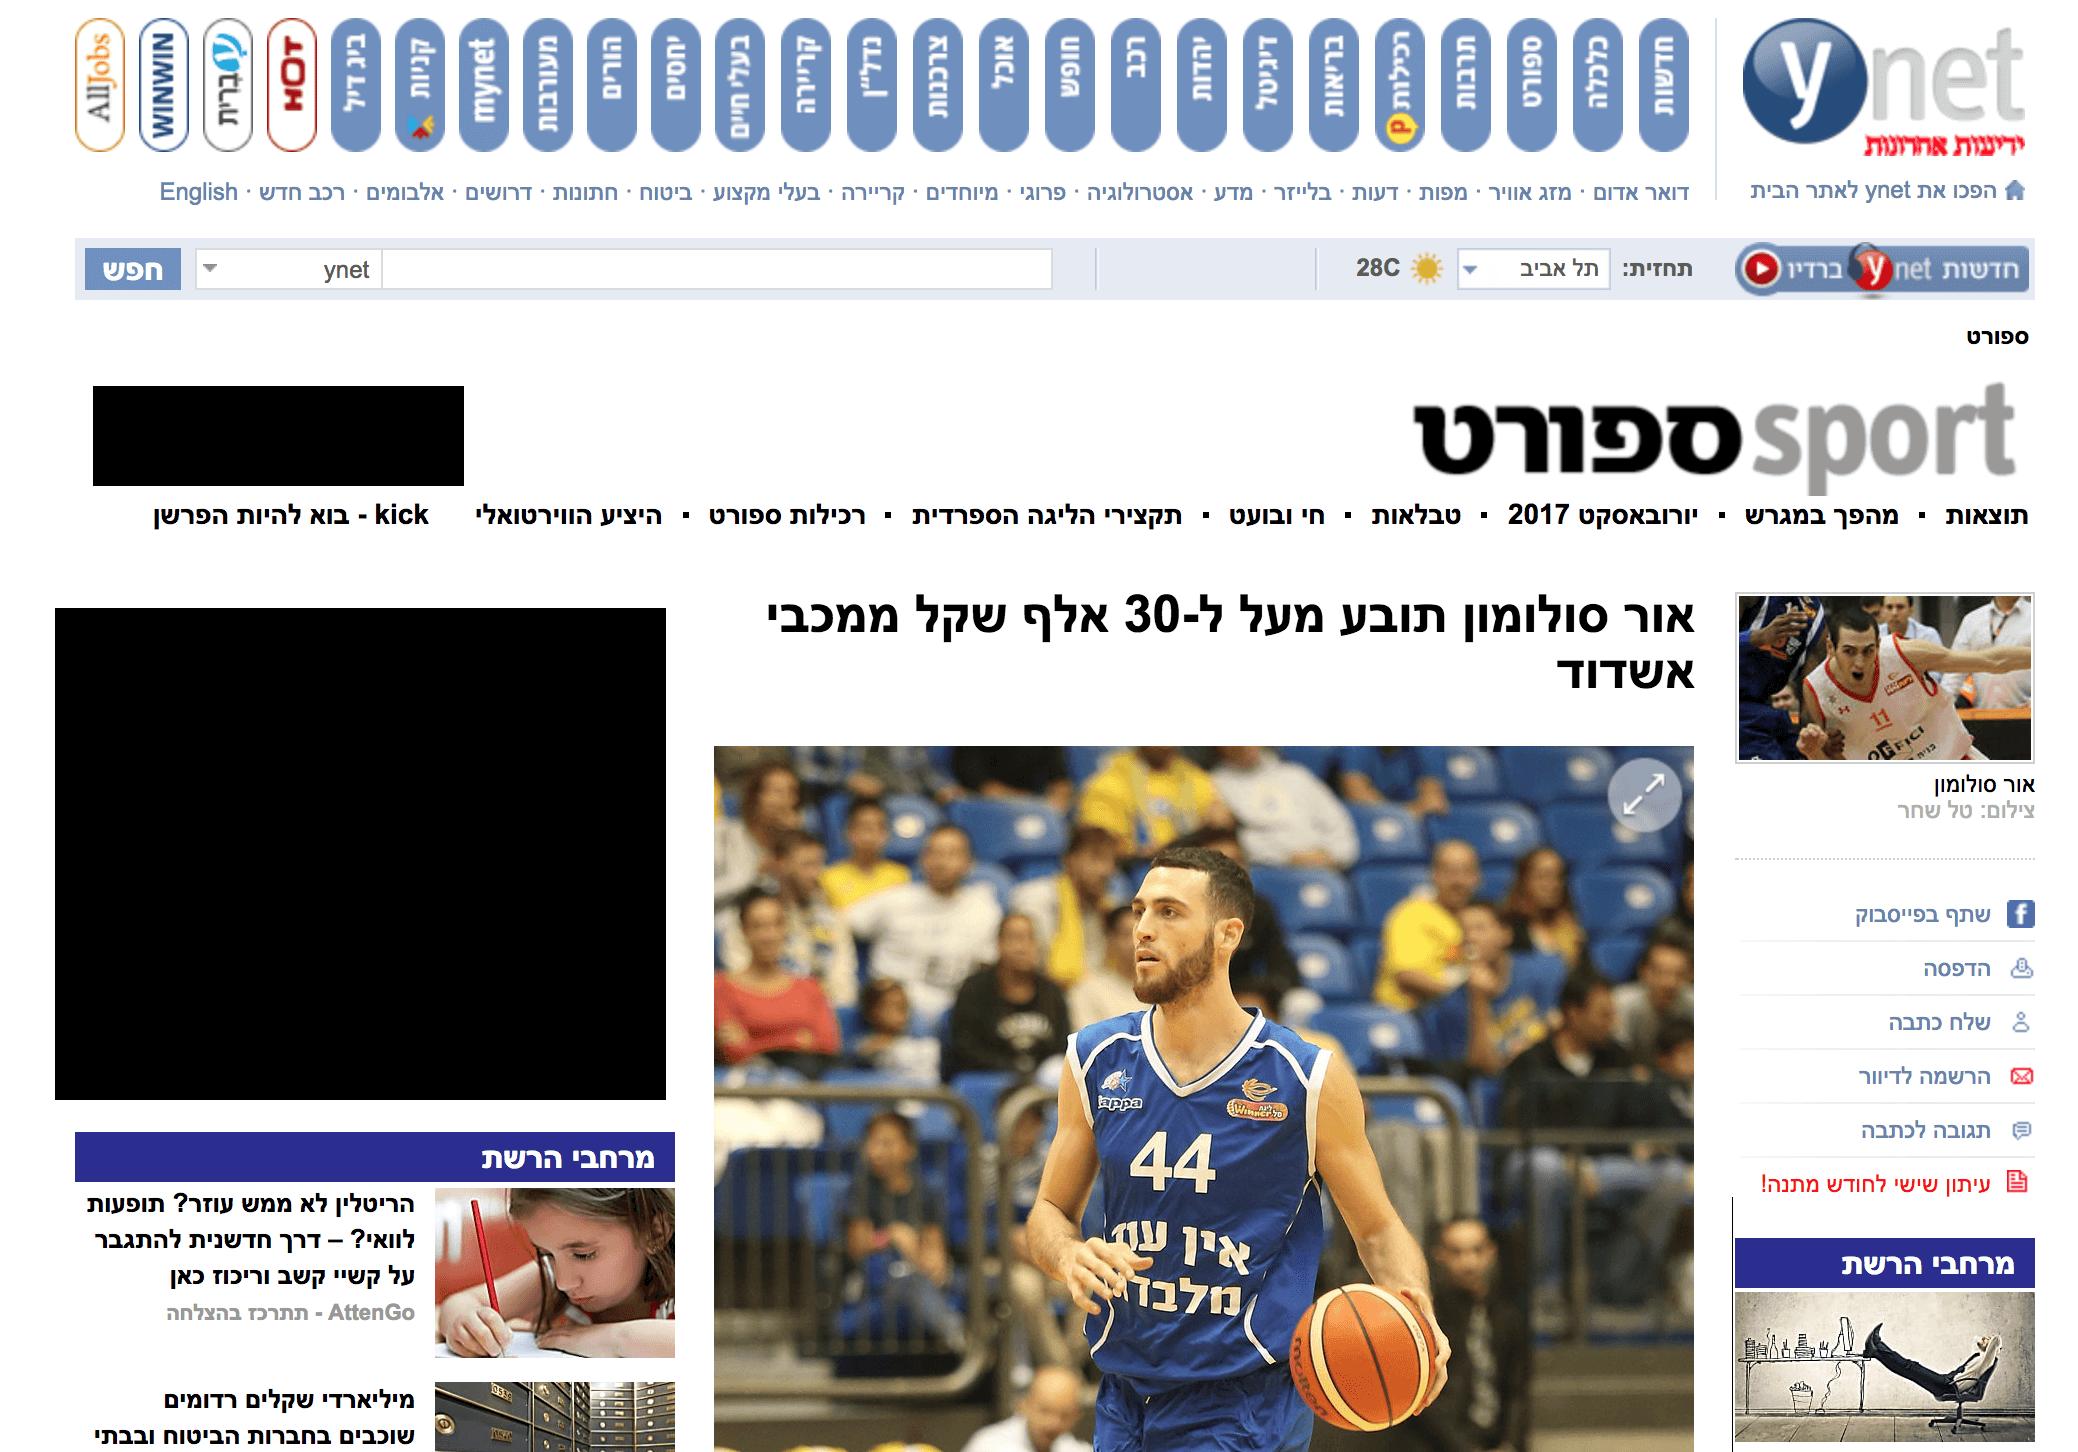 כתבה מאתר ynet – אור סולומון תובע מעל ל-30 אלף שקל ממכבי אשדוד